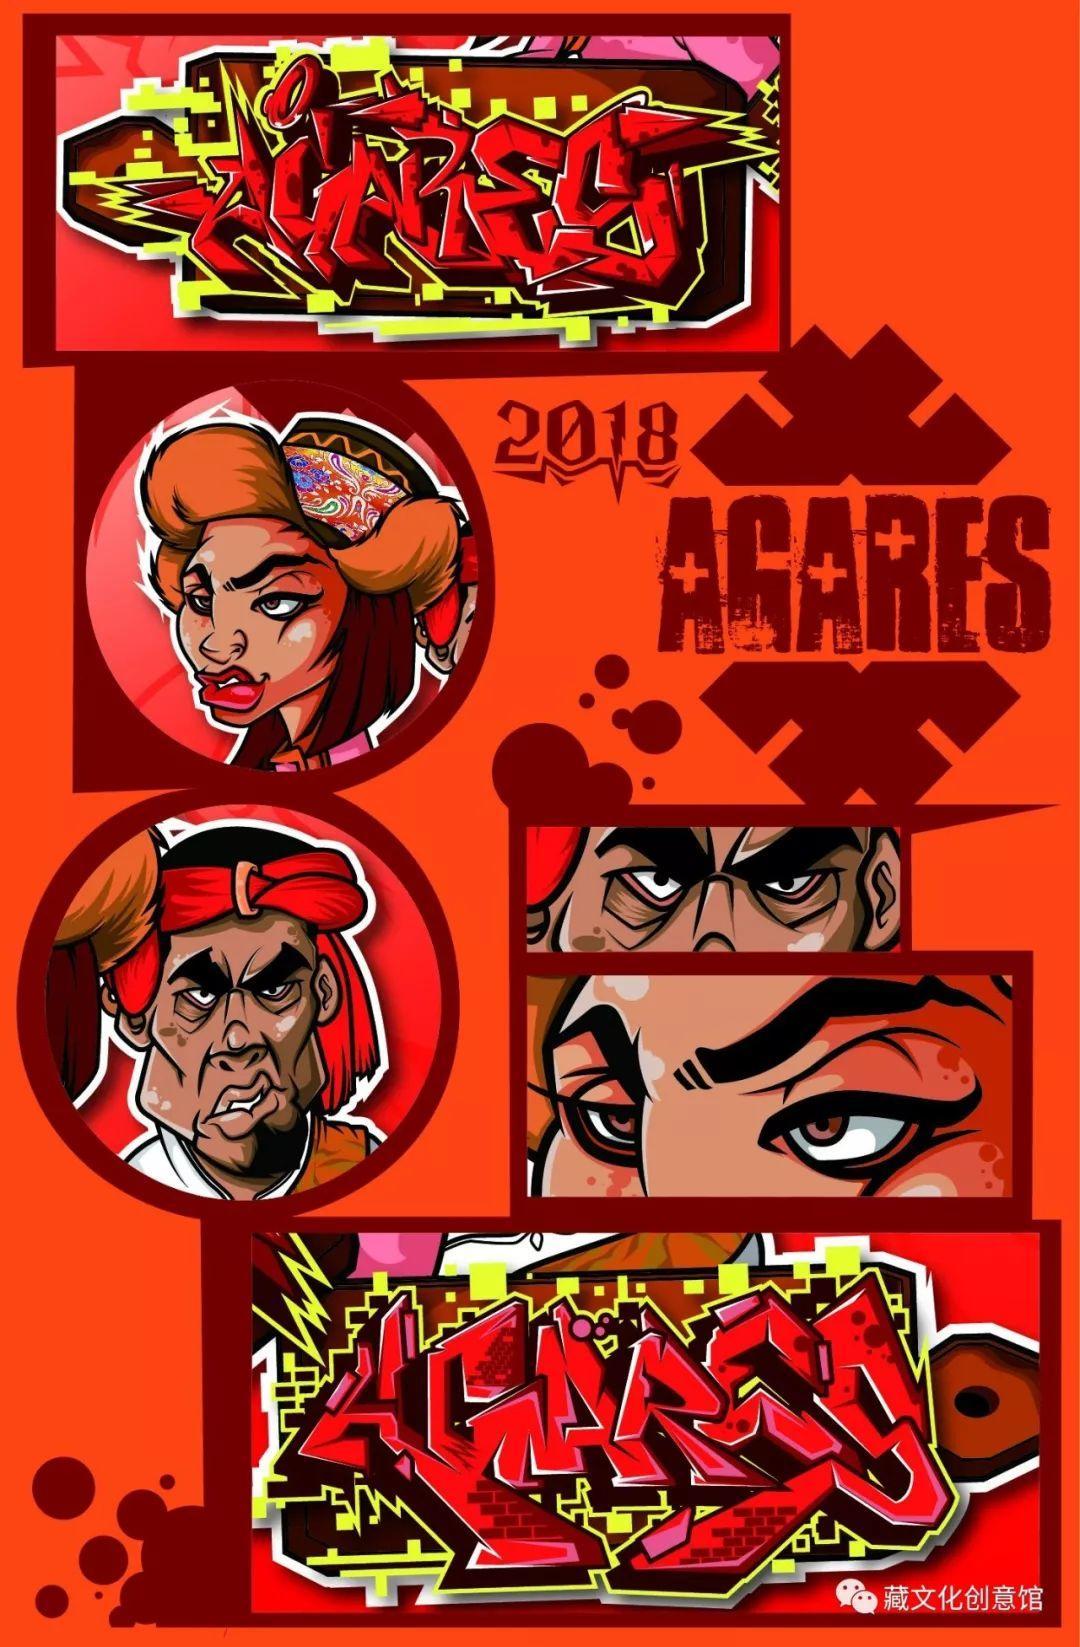 """""""有嘻哈""""的藏族人物插画设计 涂鸦Graffiti艺术"""